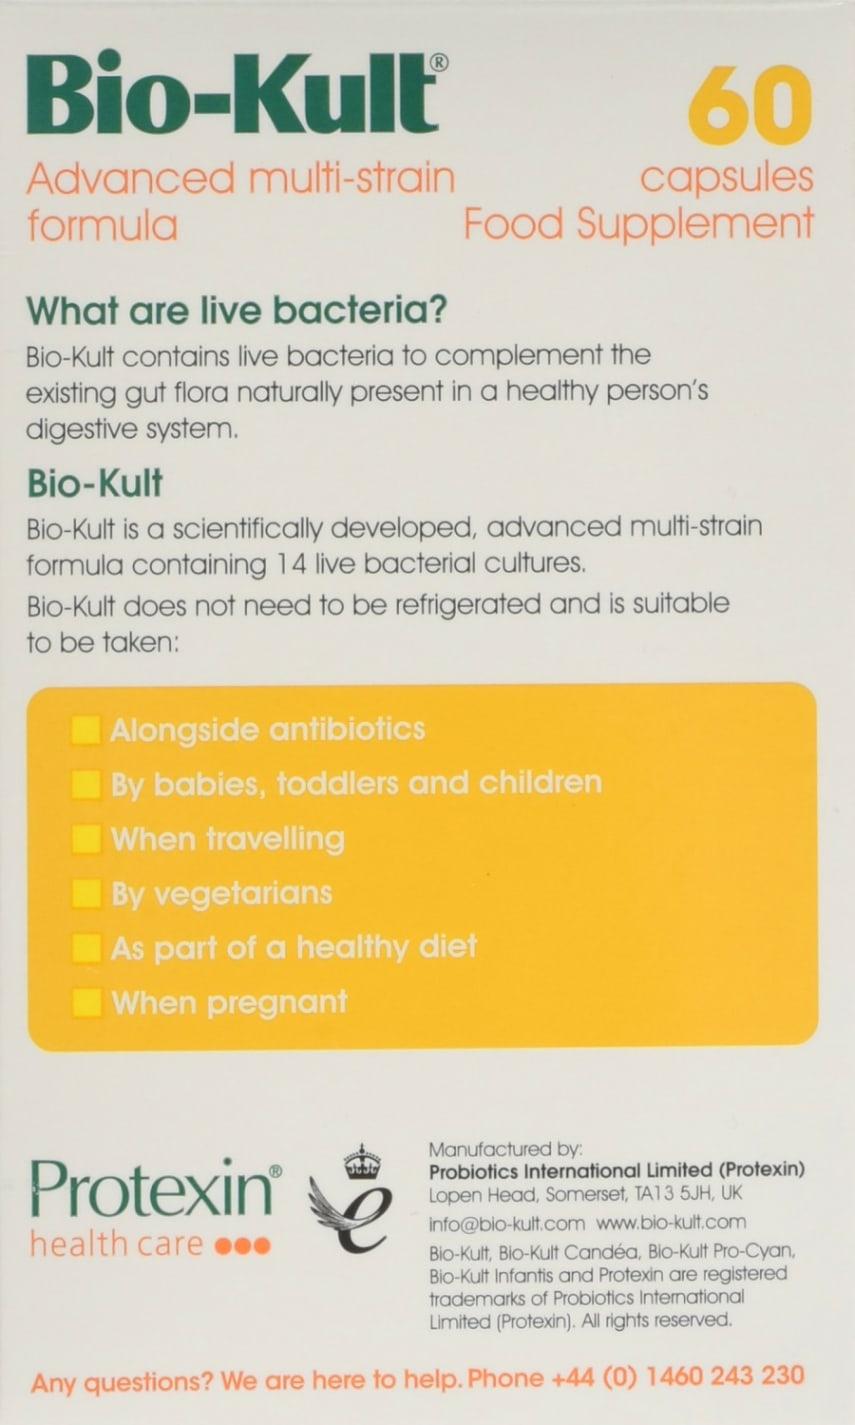 Does Amoxicillin Need Refrigeration? - WorldOfChemicals